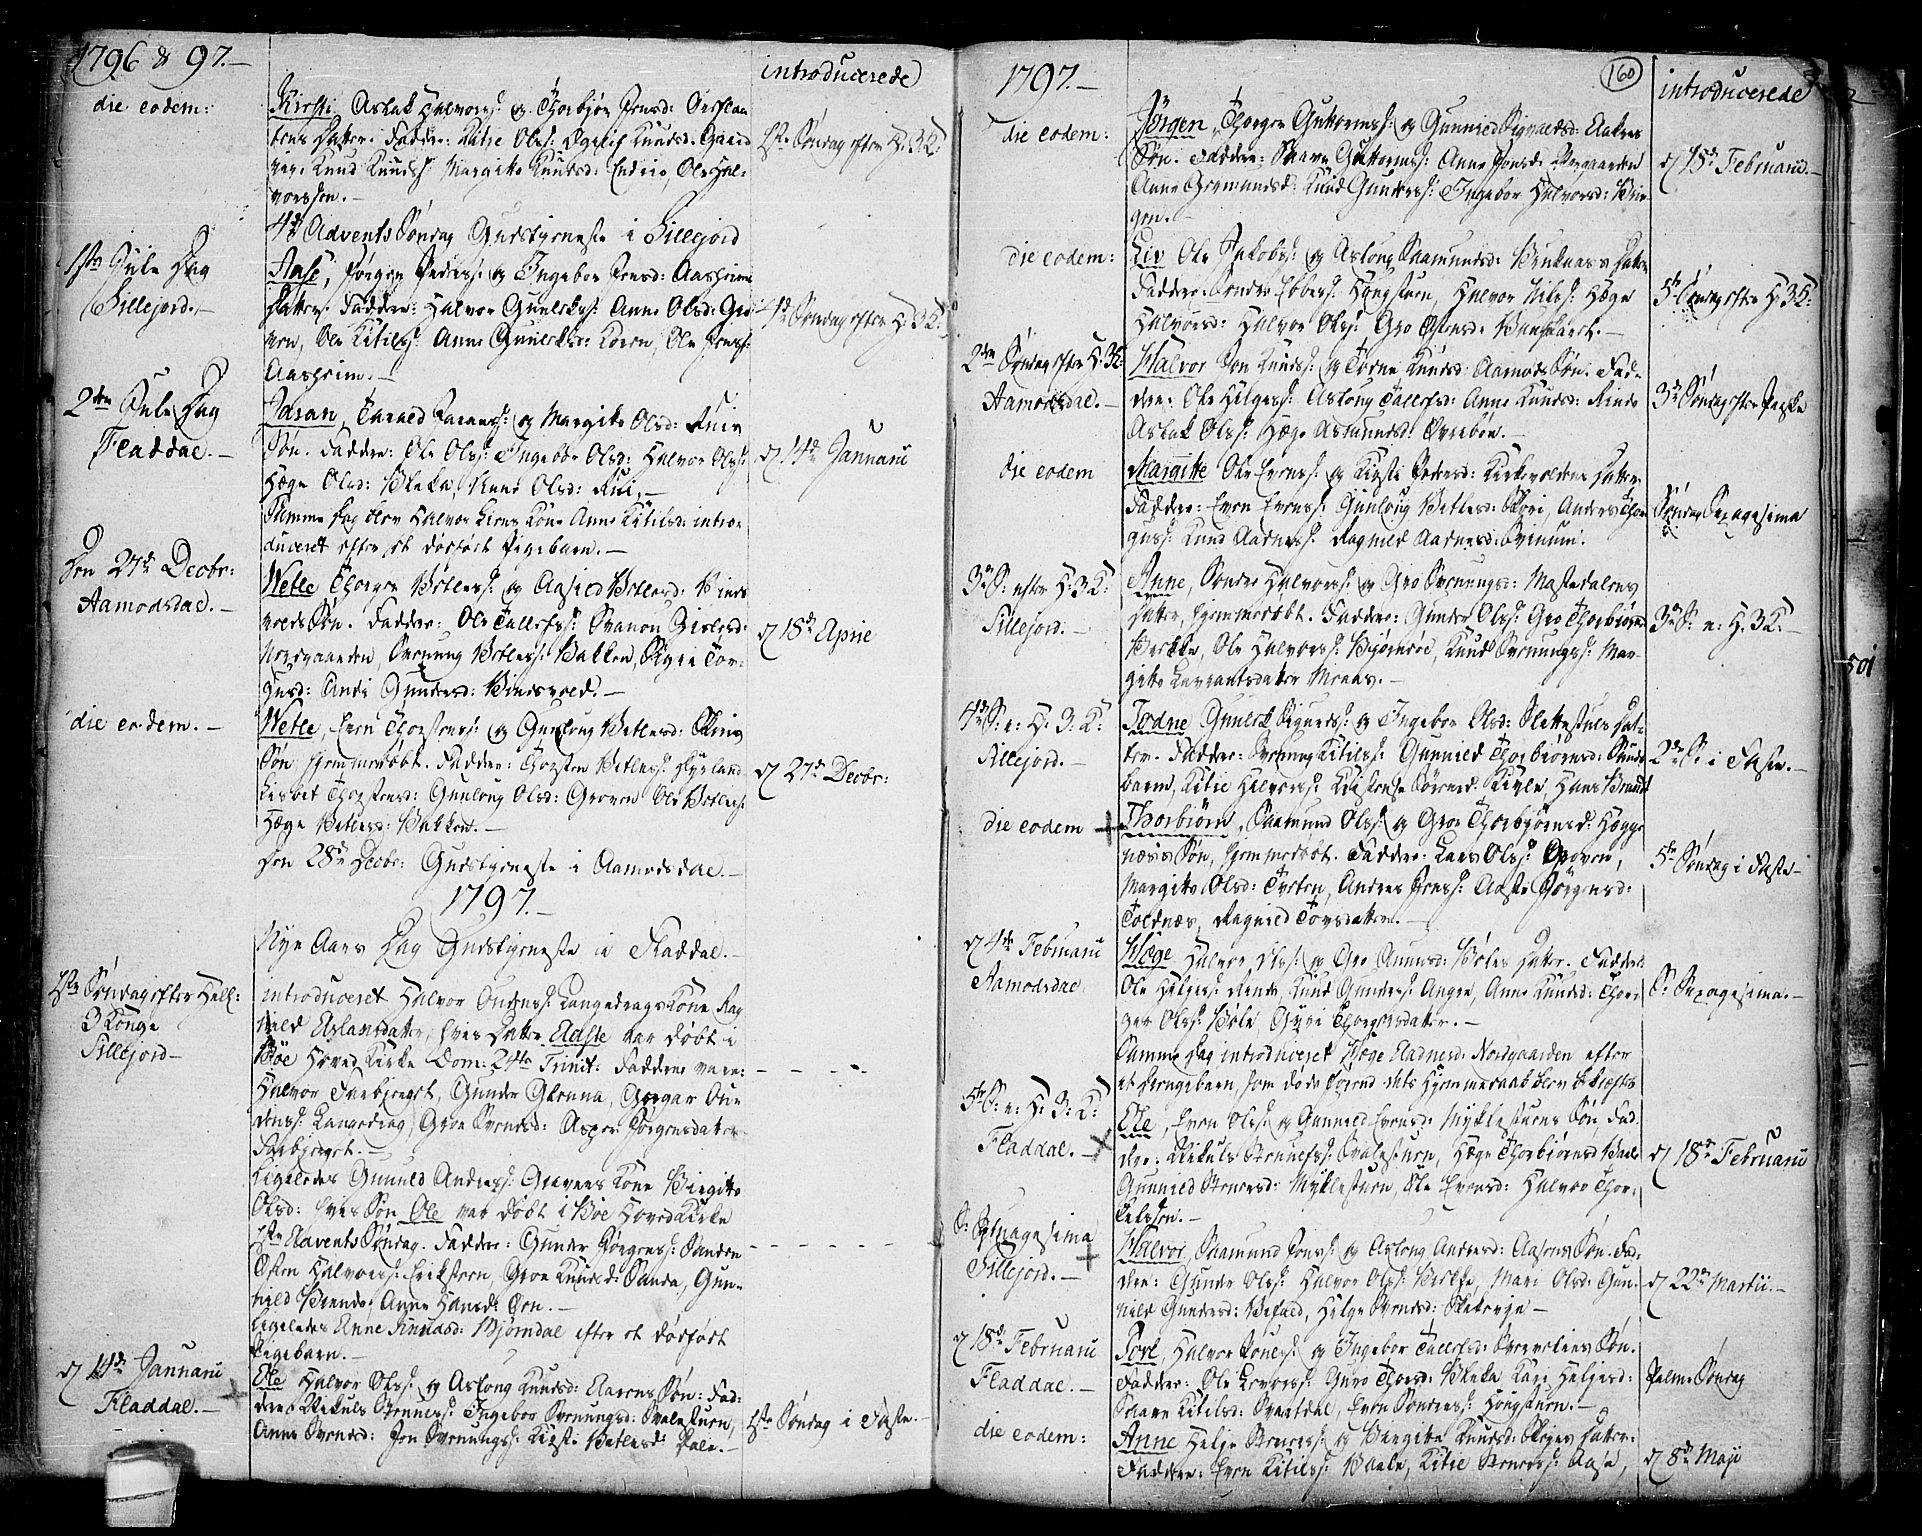 SAKO, Seljord kirkebøker, F/Fa/L0007: Ministerialbok nr. I 7, 1755-1800, s. 160